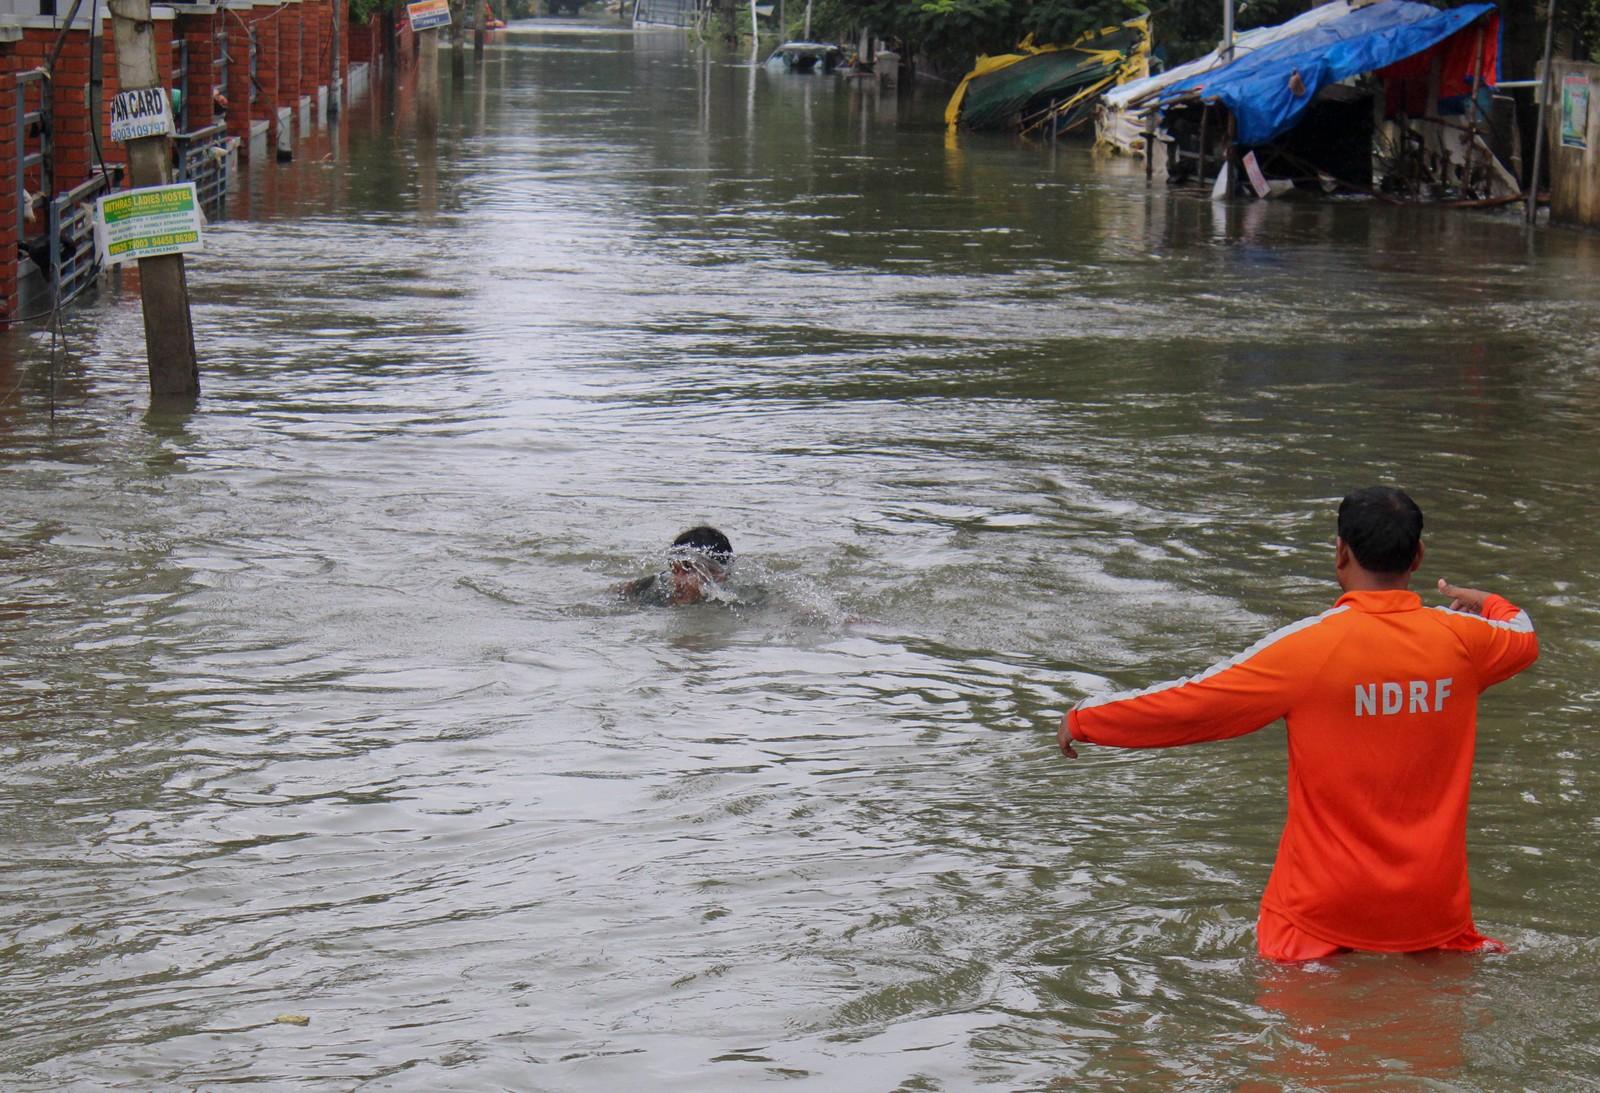 En mann som jobber for den nasjonale krisestaben er på vei for å redde en gutt som har falt i vannet i Chennai. Dette er det kraftigste regnfallet på hundre år i delstaten Tamil Nadu i India.